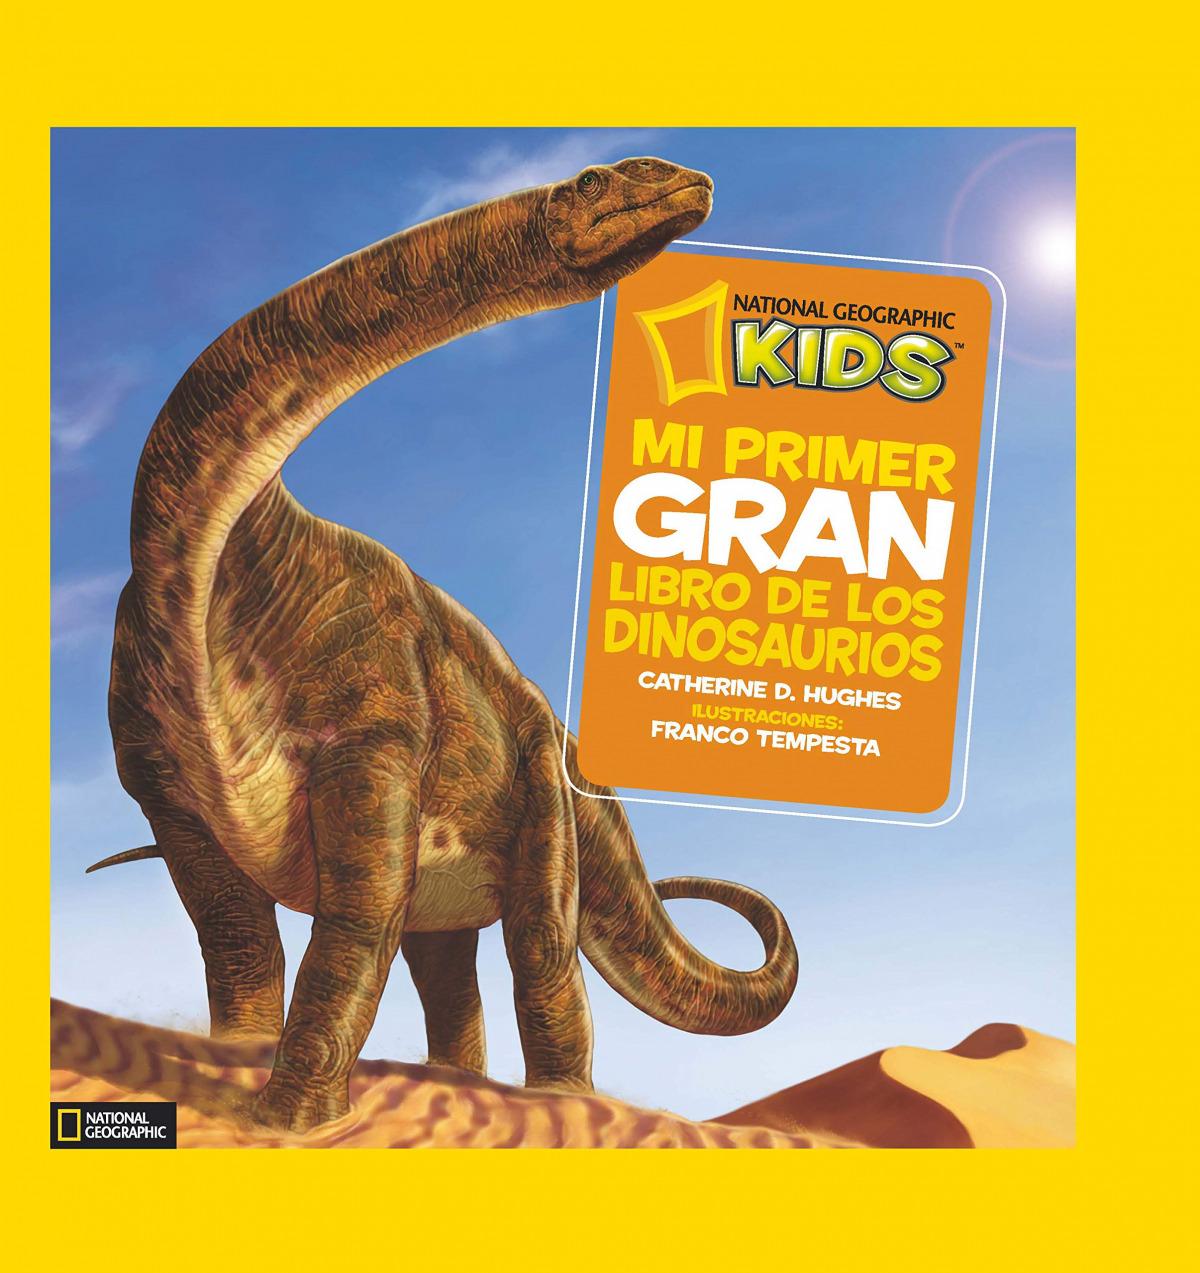 Mi primer gran libro de los dinosaurios 9788482985909